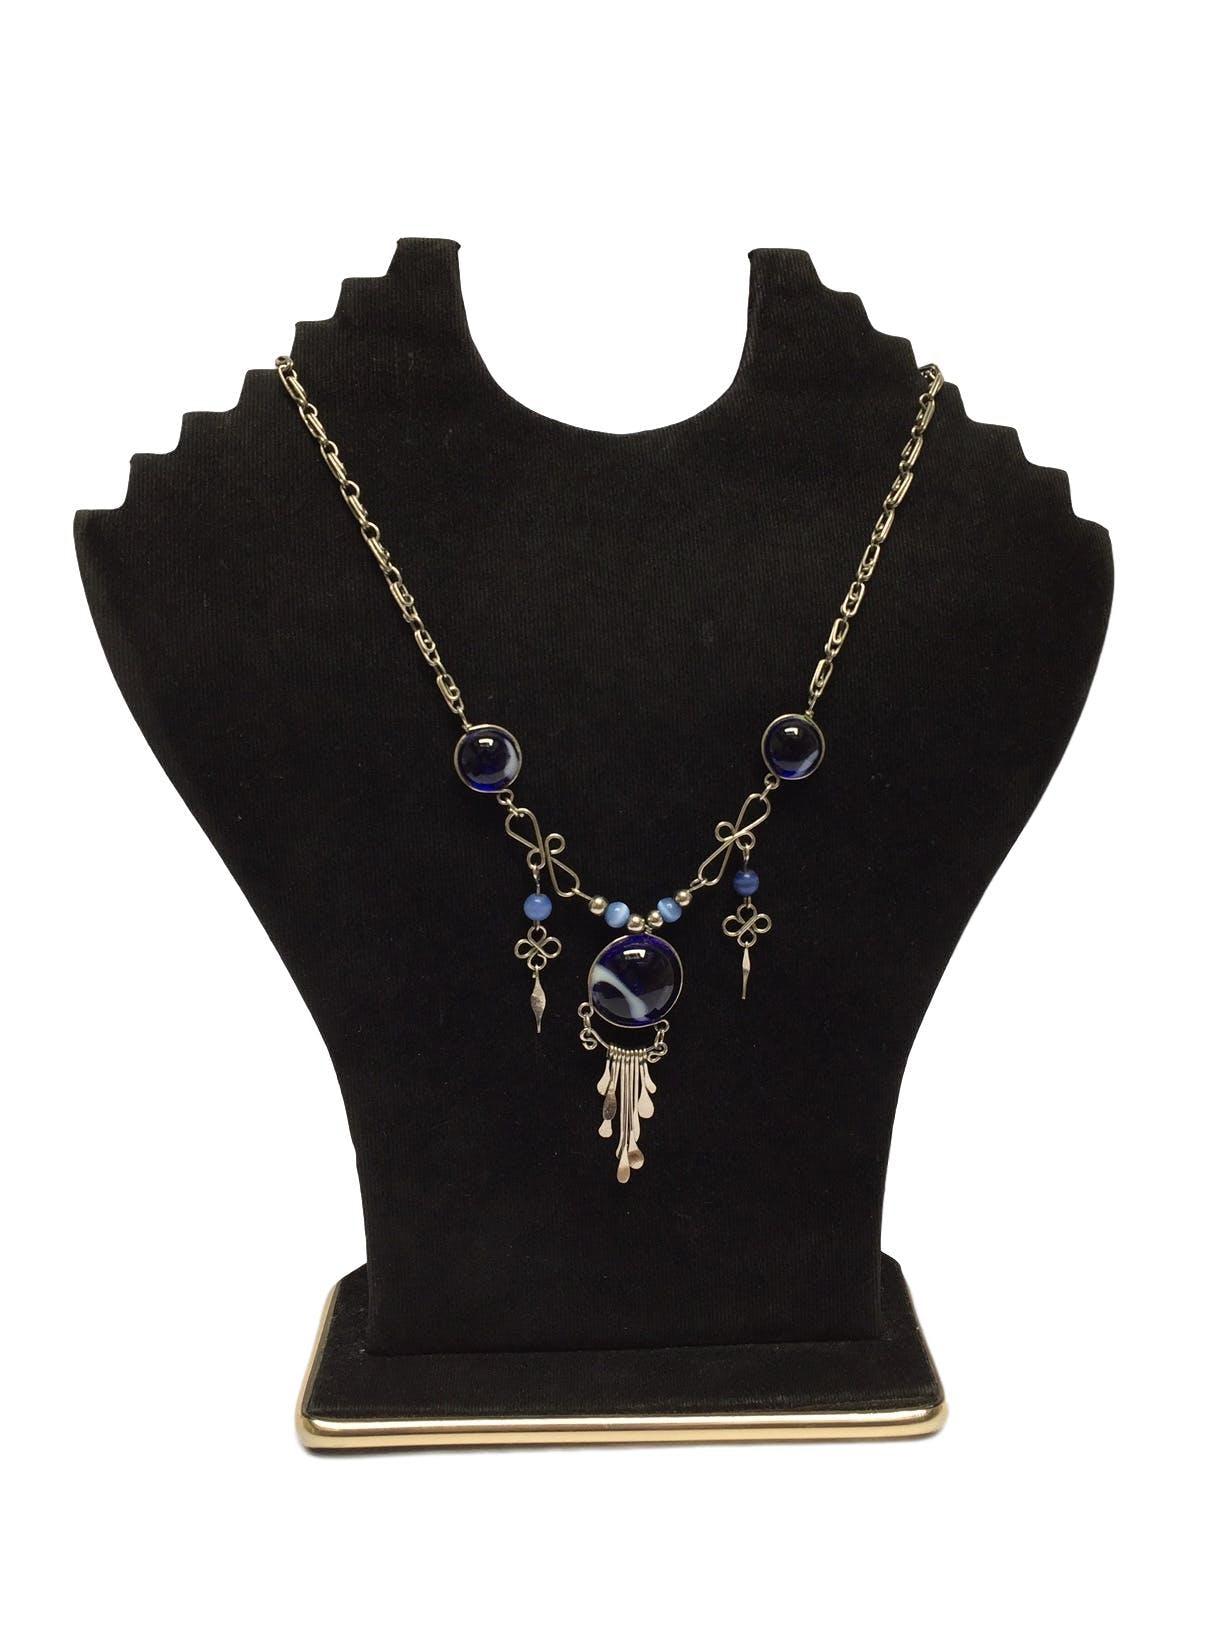 Collar cadena plateada estilo filigrana con piedras pulidas, murano y colgantes